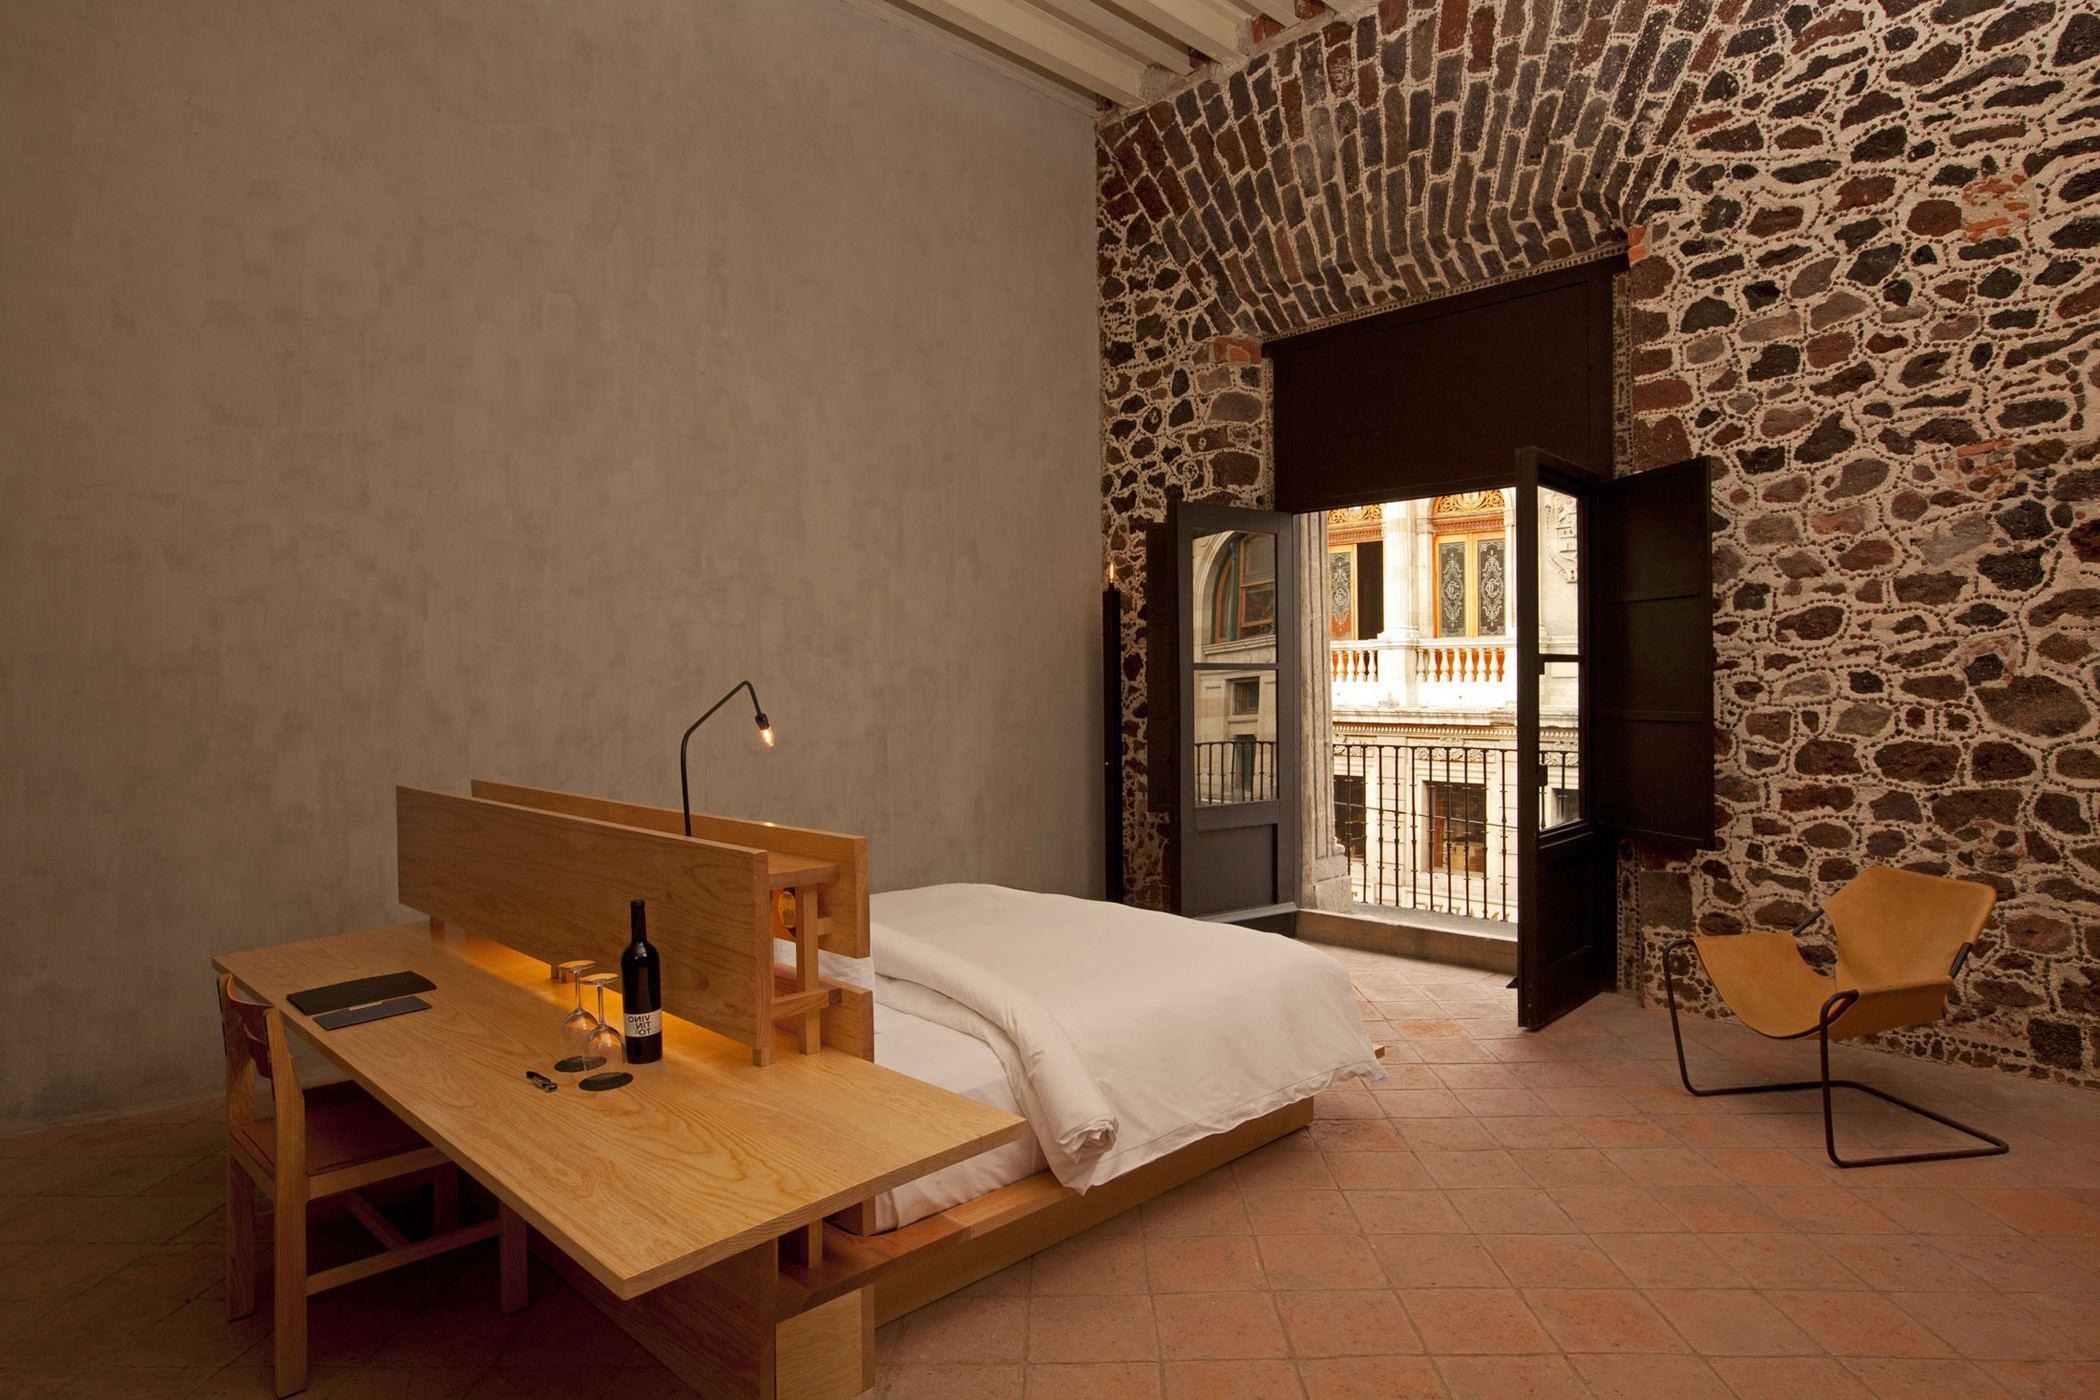 Schlafzimmer ideen altbau